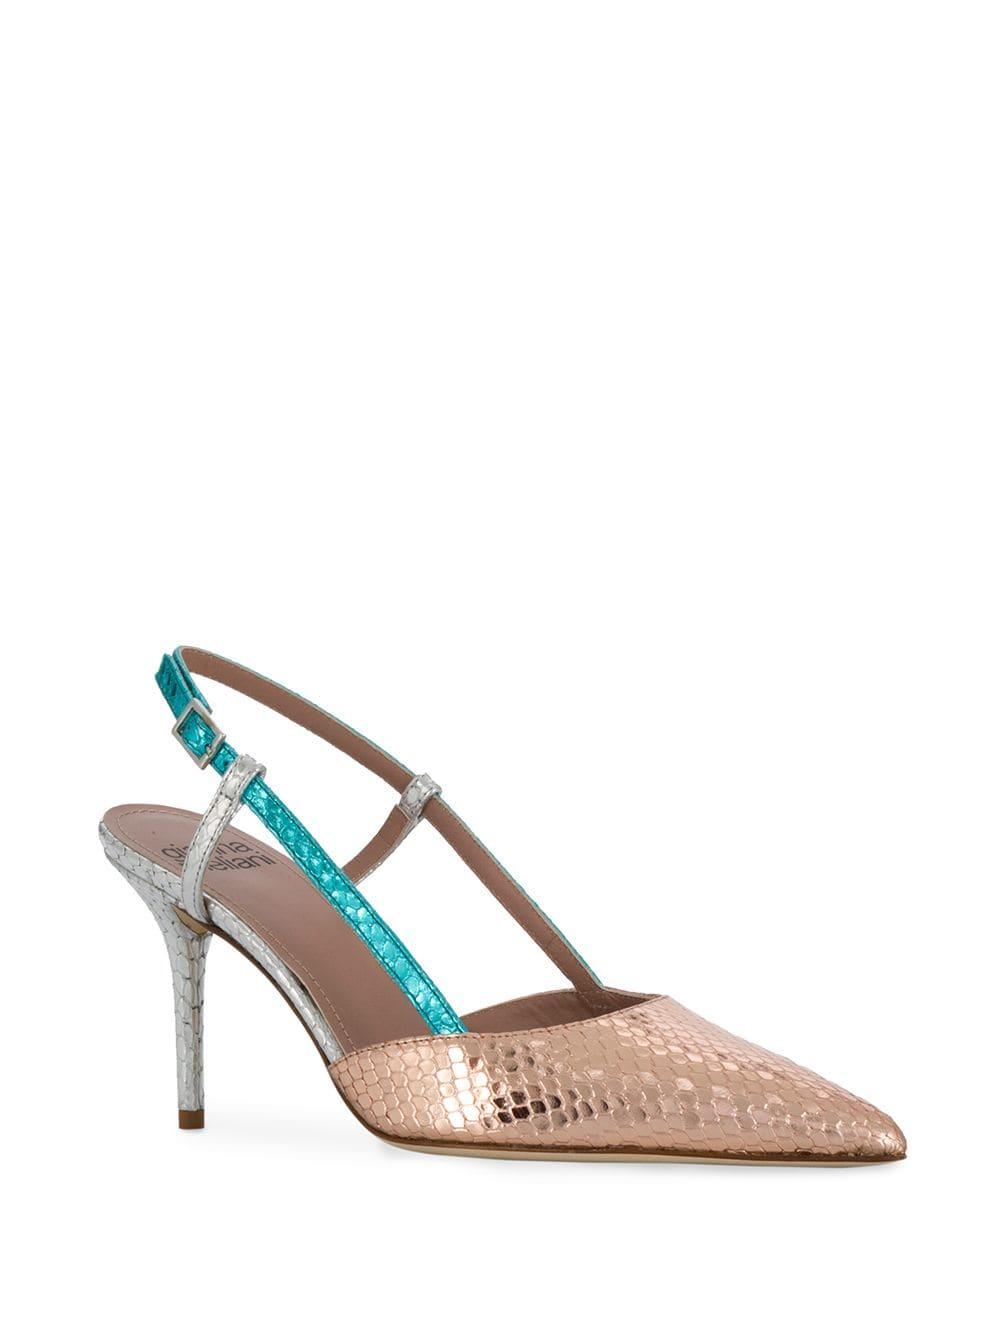 346a2d00 Zapatos de salón - Mujer | Buyviu.com